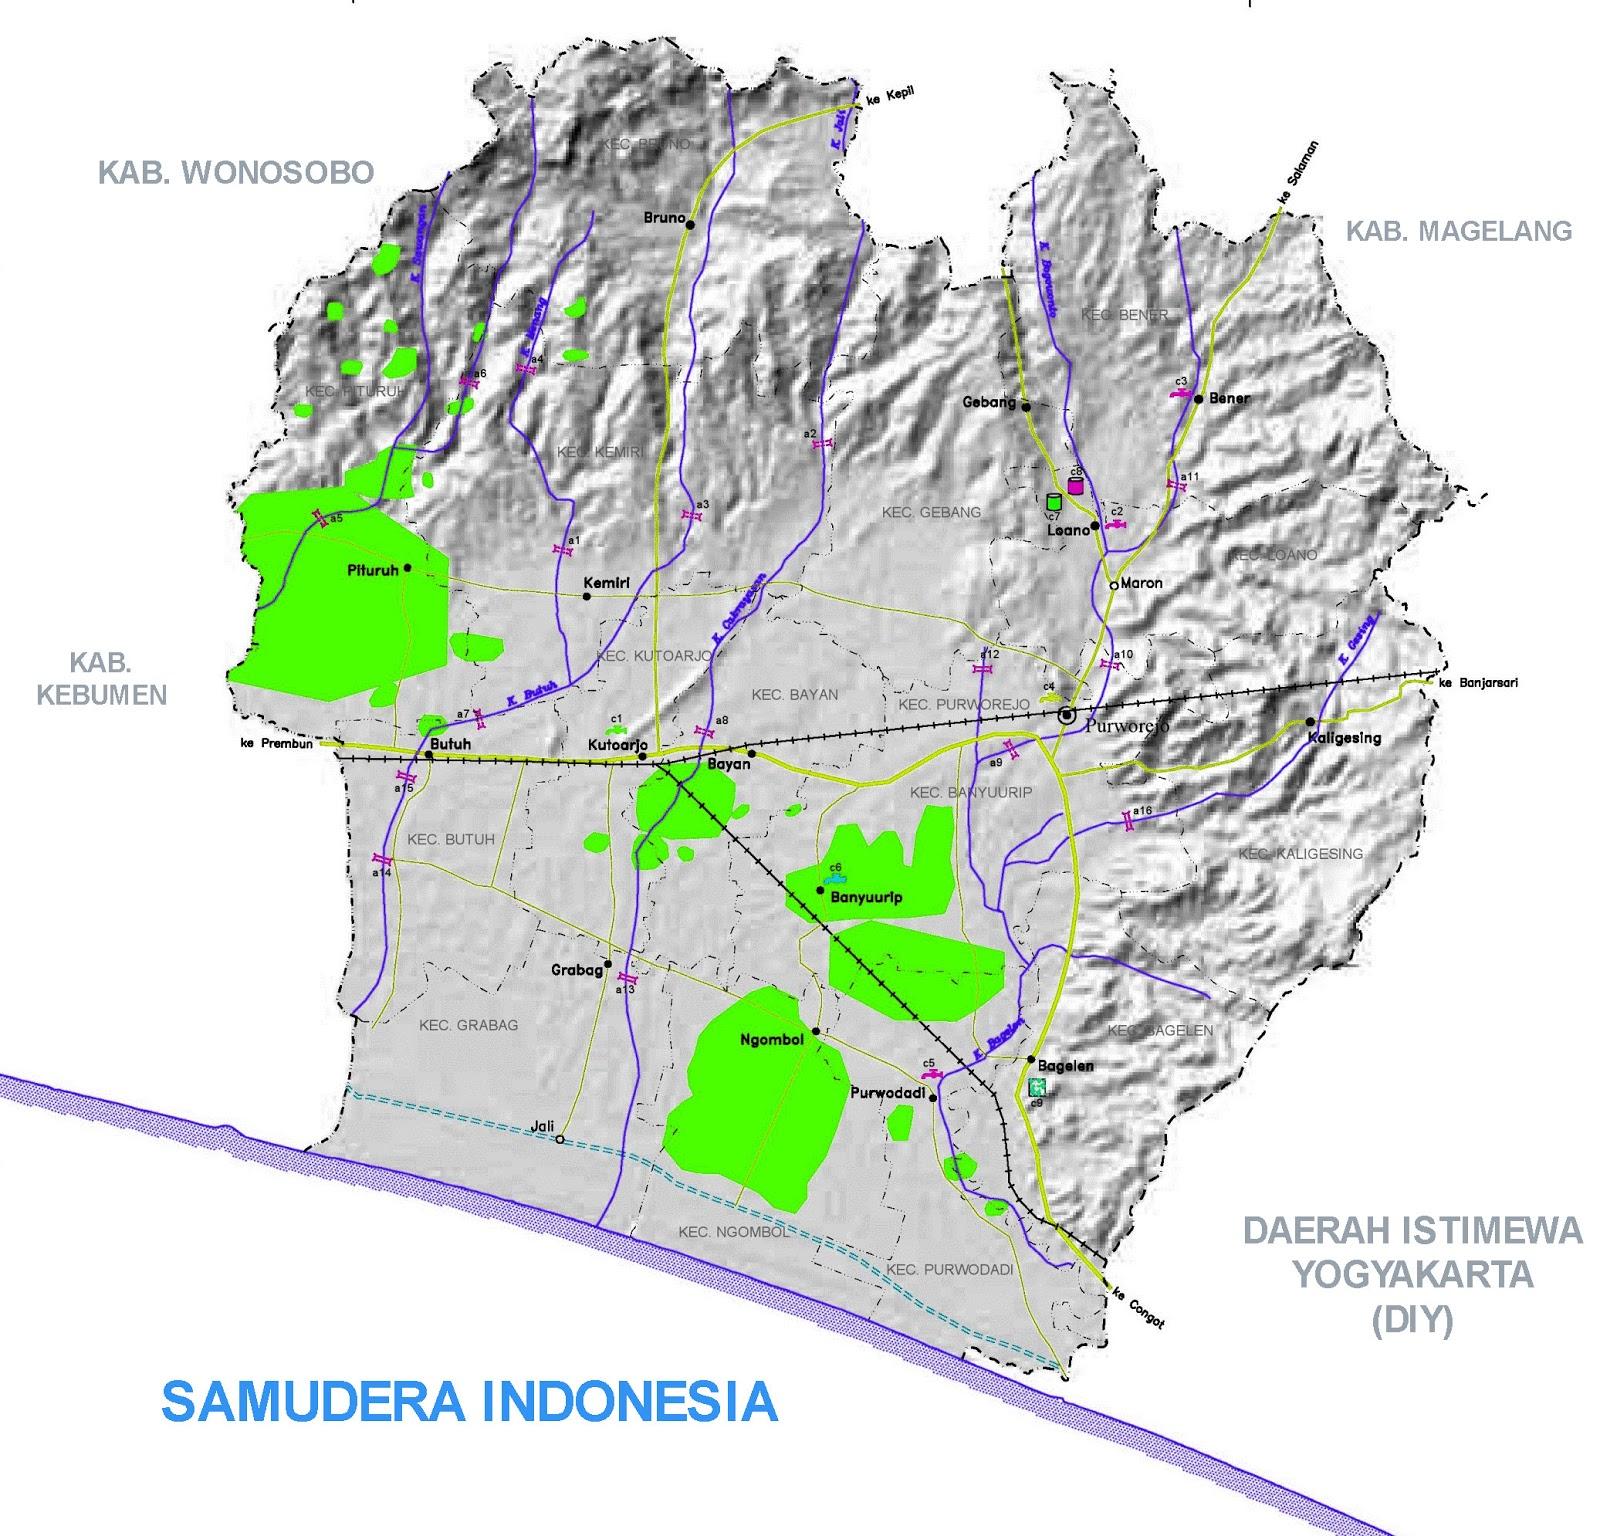 Gambar Peta Infrastruktur Kabupaten Purworejo